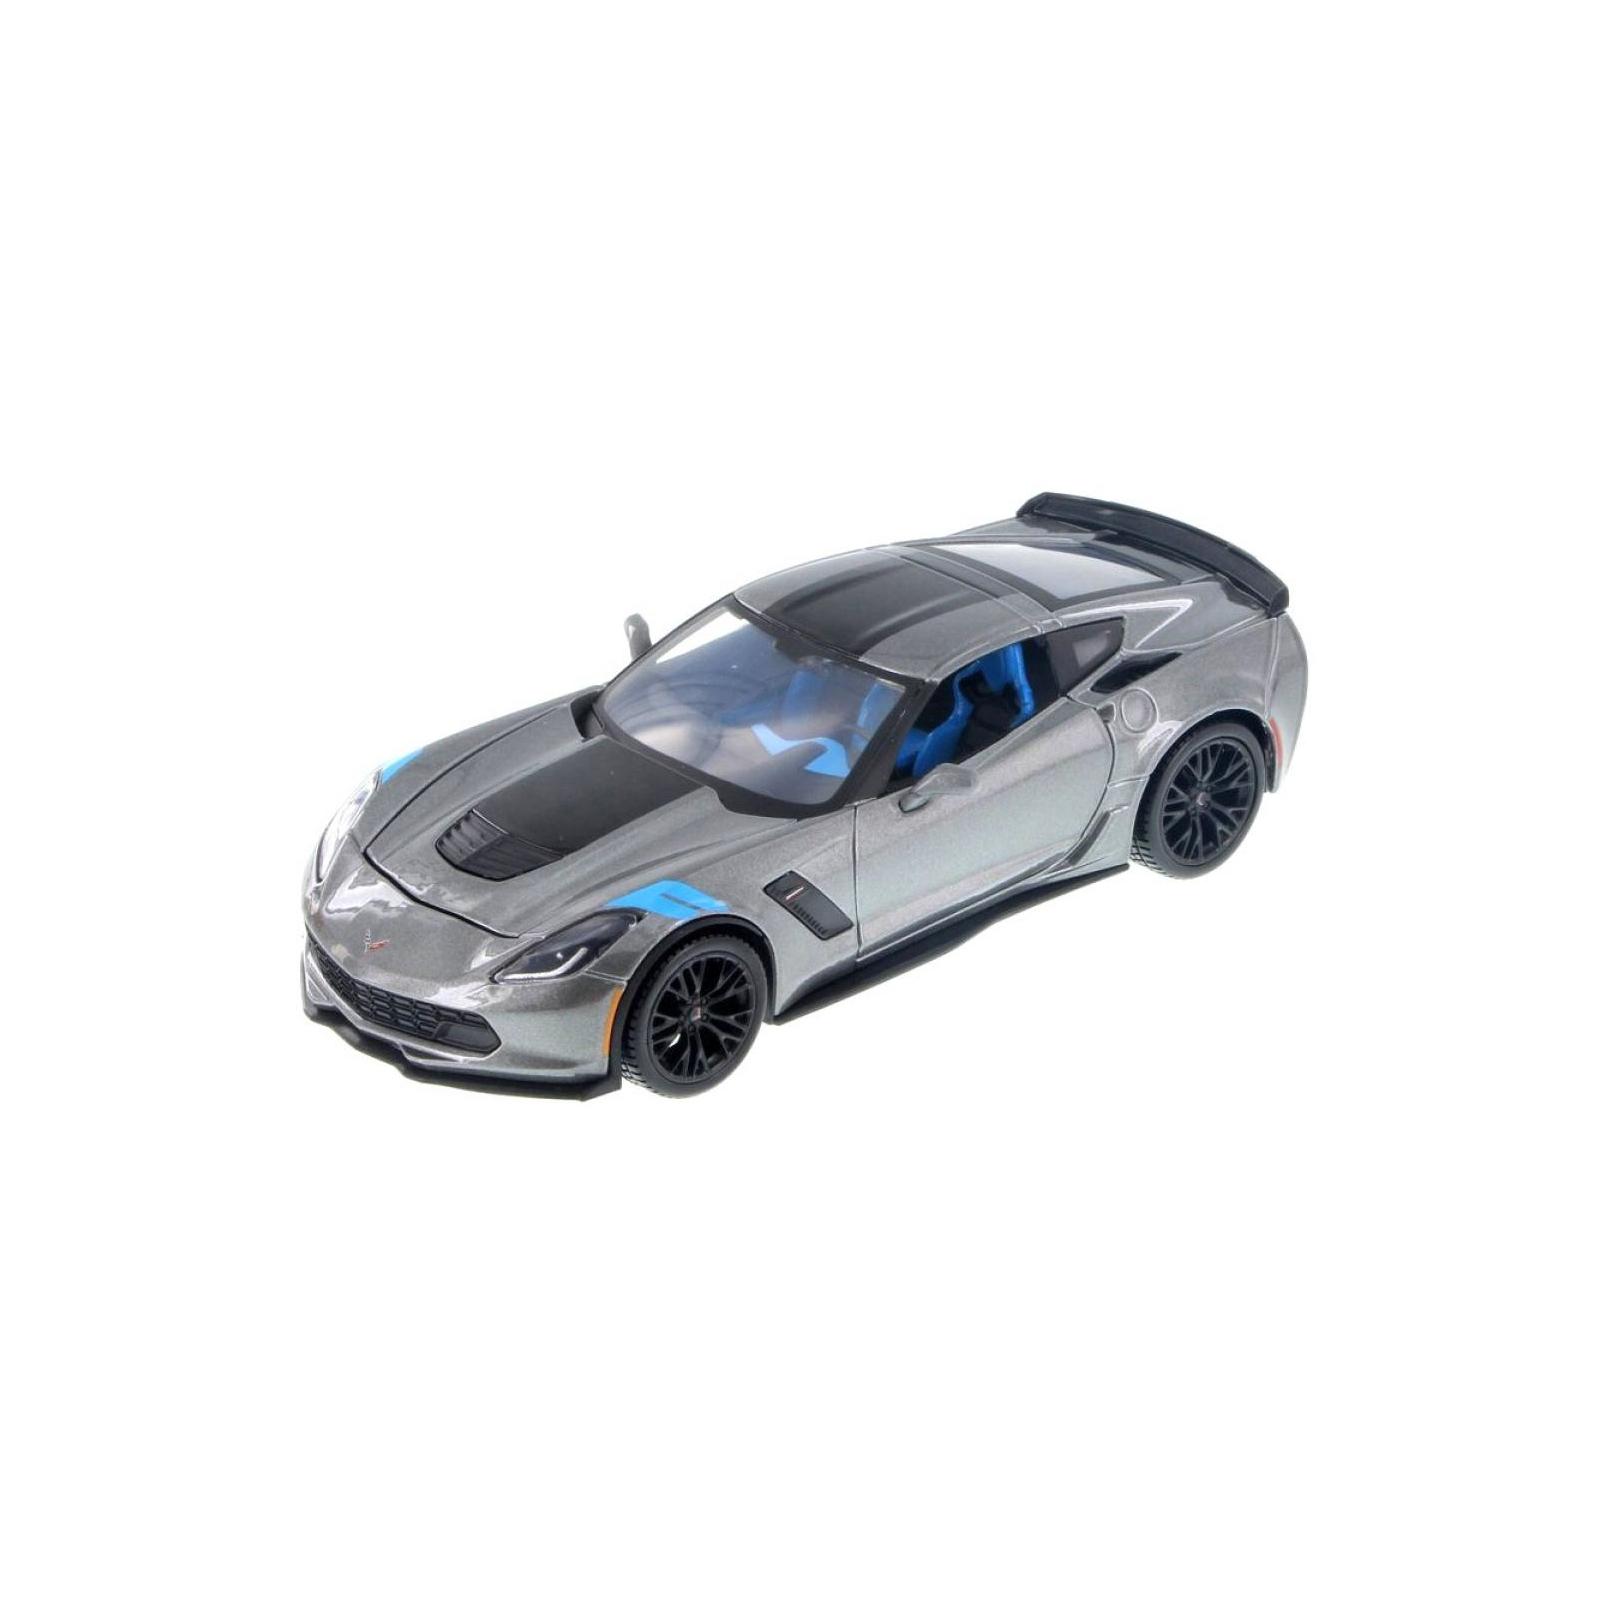 Машина Maisto Corvette Grand Sport 2017 (1:24) серый металлик (31516 met. grey)